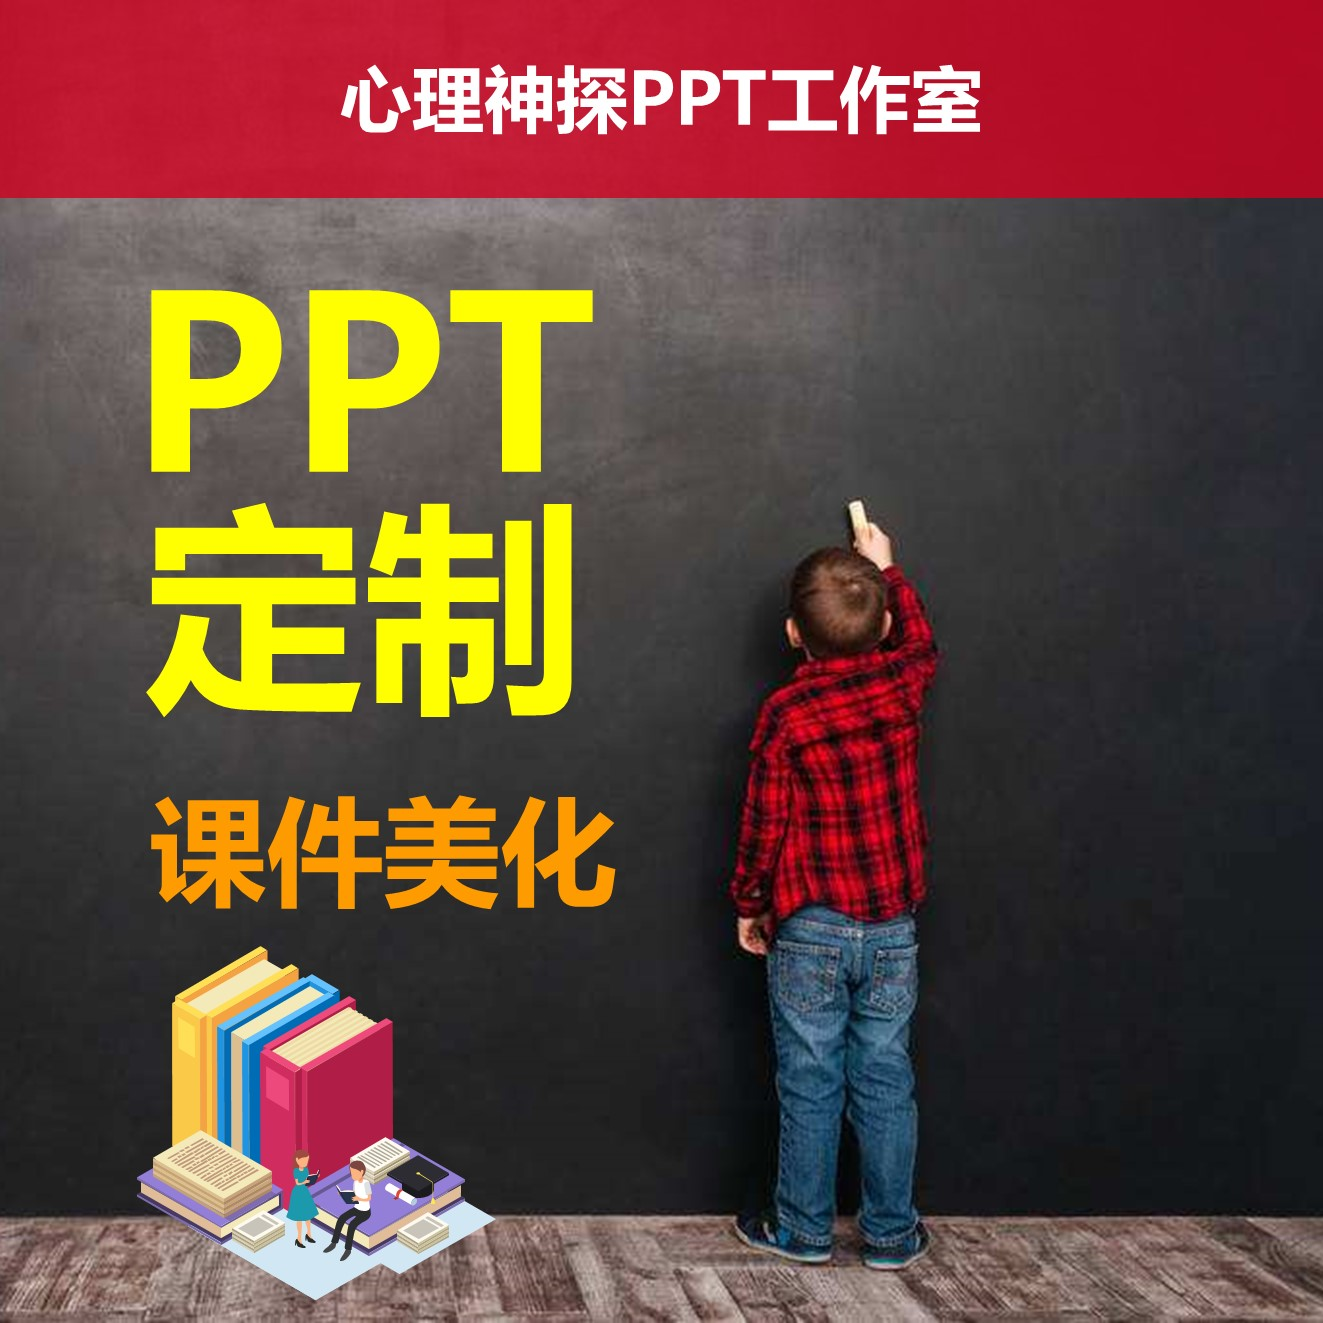 专业PPT制作幻灯片、演示逻辑咨询、美化修改培训课件PPT模板定制